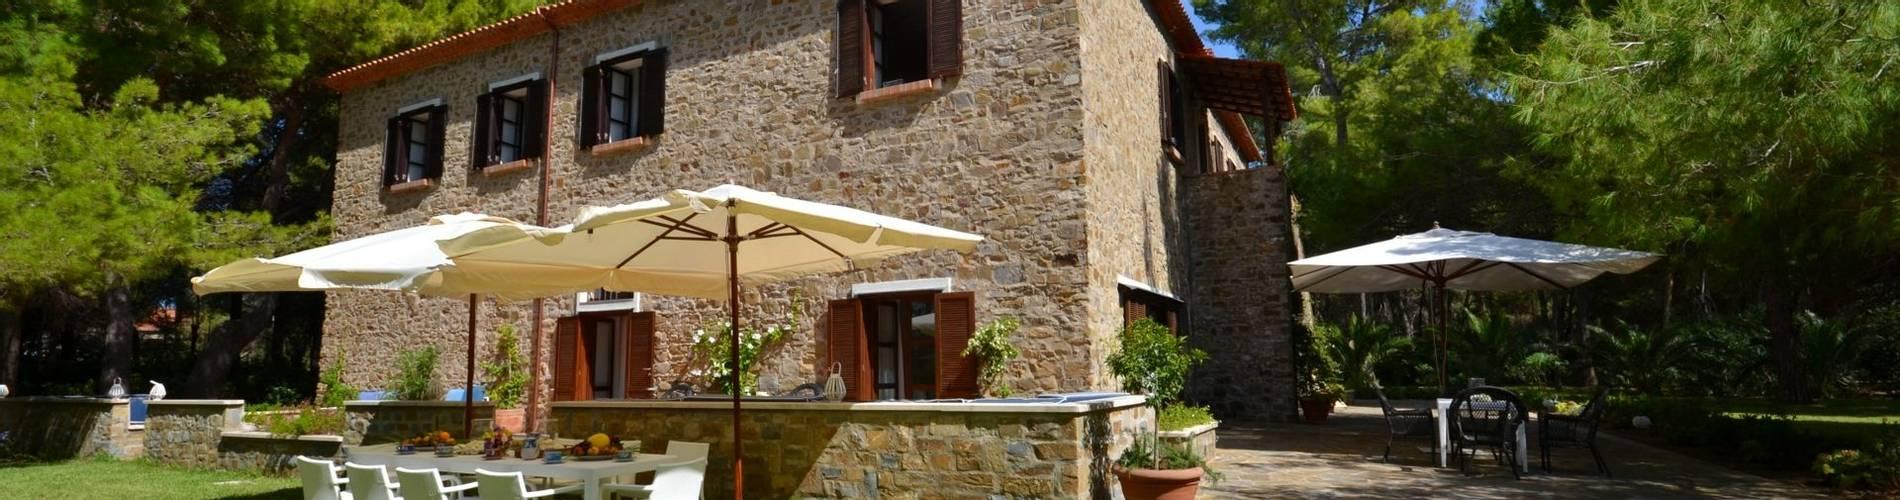 Villa Sirena 18.jpg